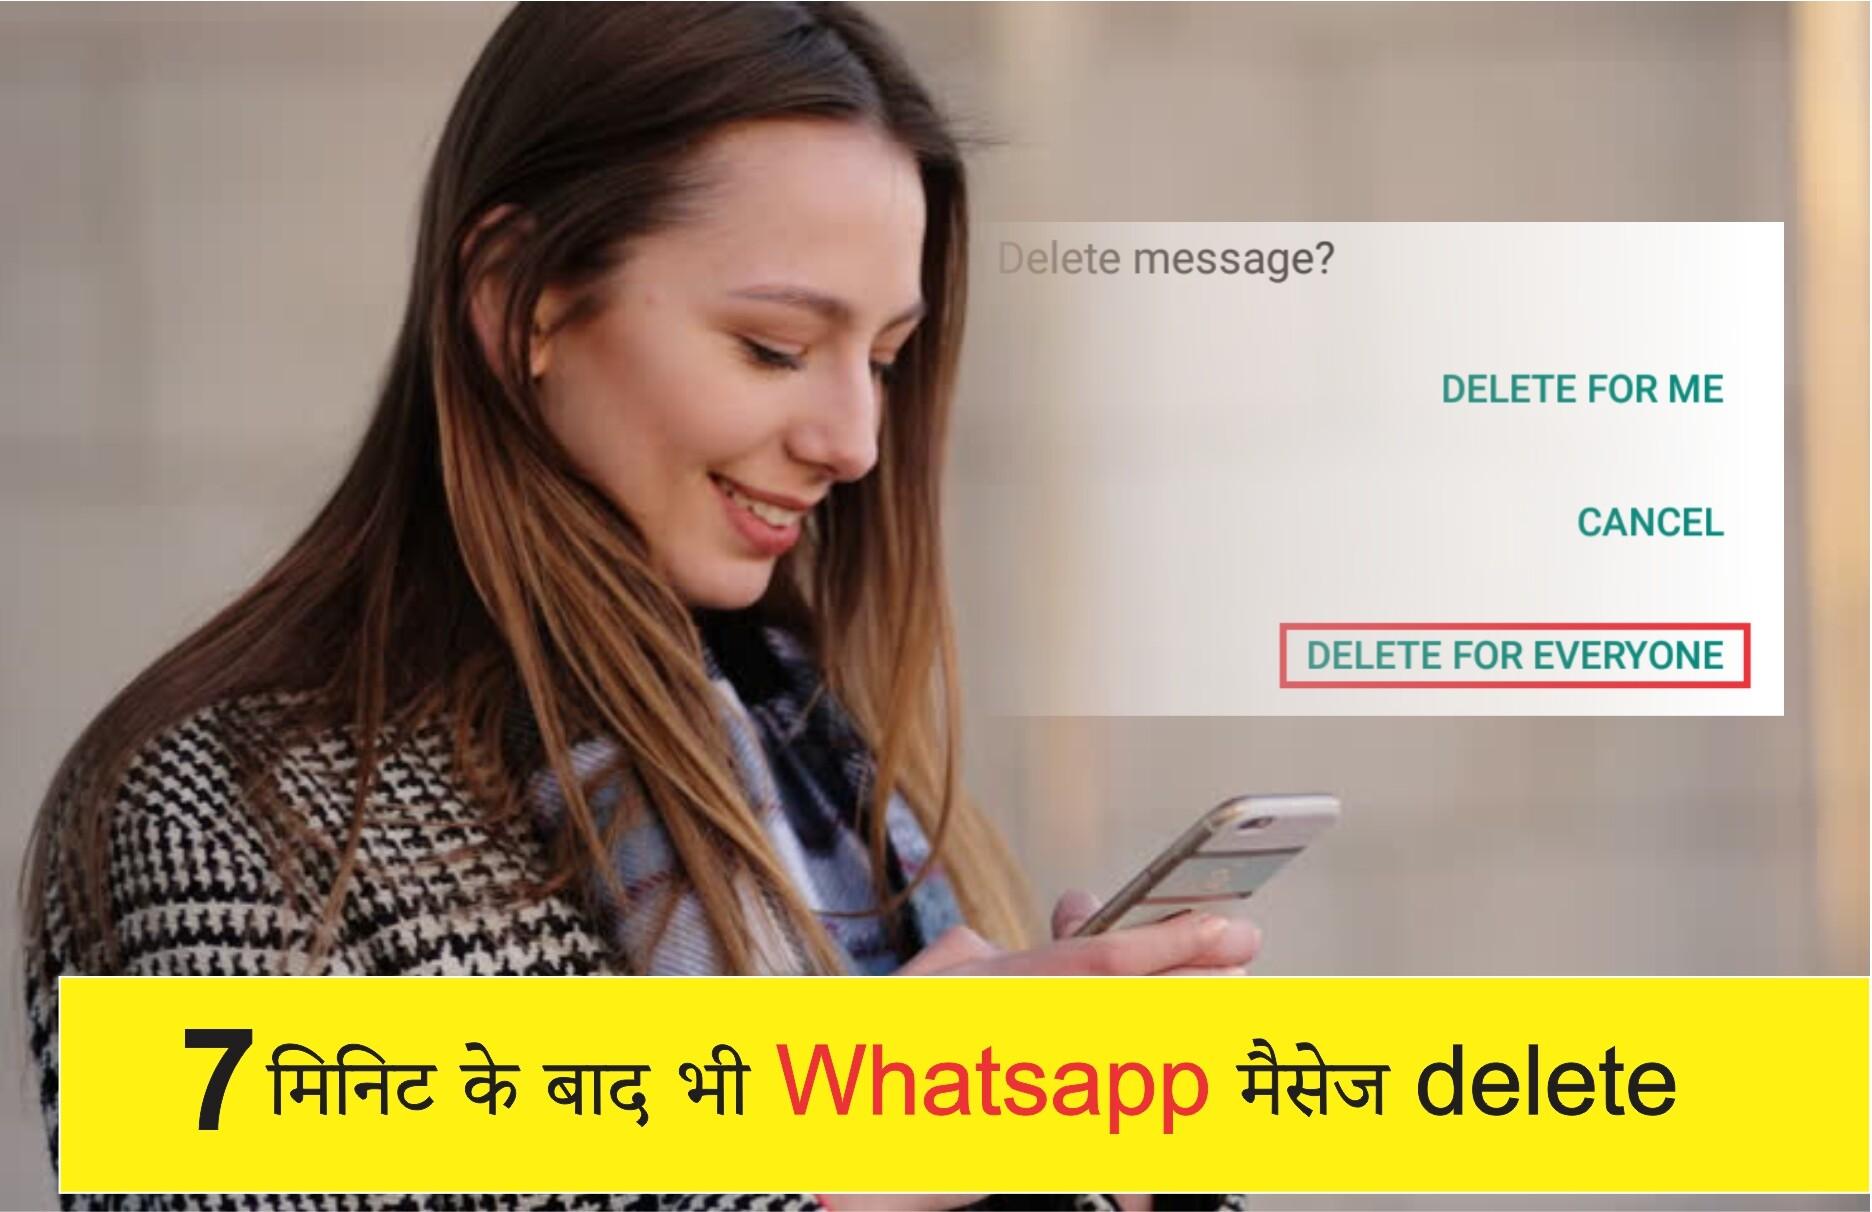 7 मिनिट के बाद भी Whatsapp मैसेज delete